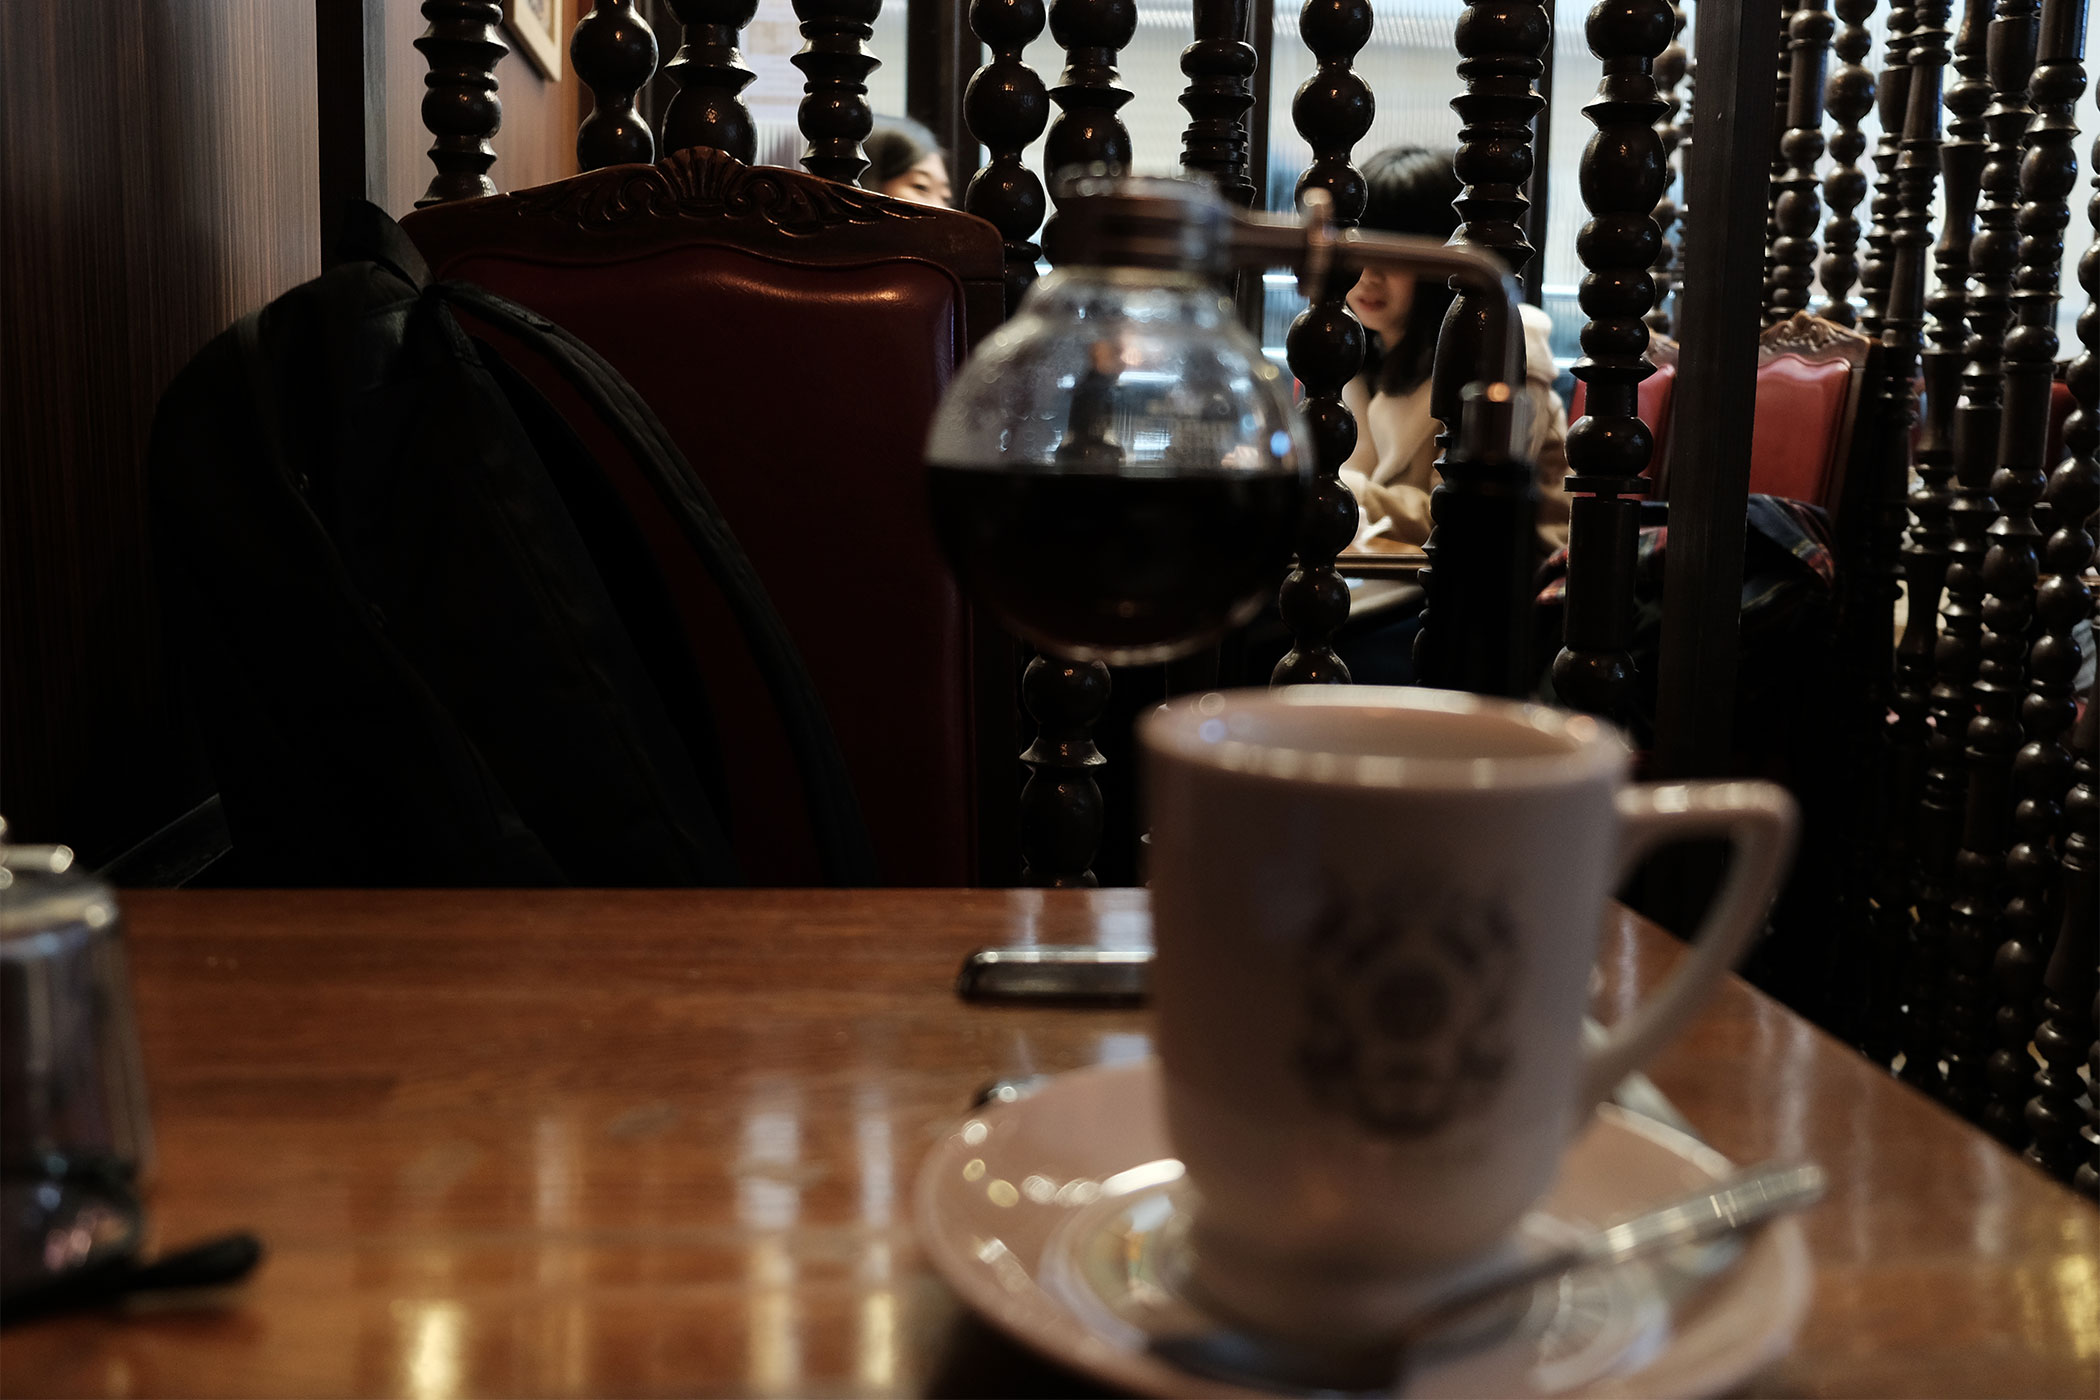 千成屋珈琲 大阪・新世界 ミックスジュース発祥の喫茶店がかつての雰囲気を残したまま再オープン